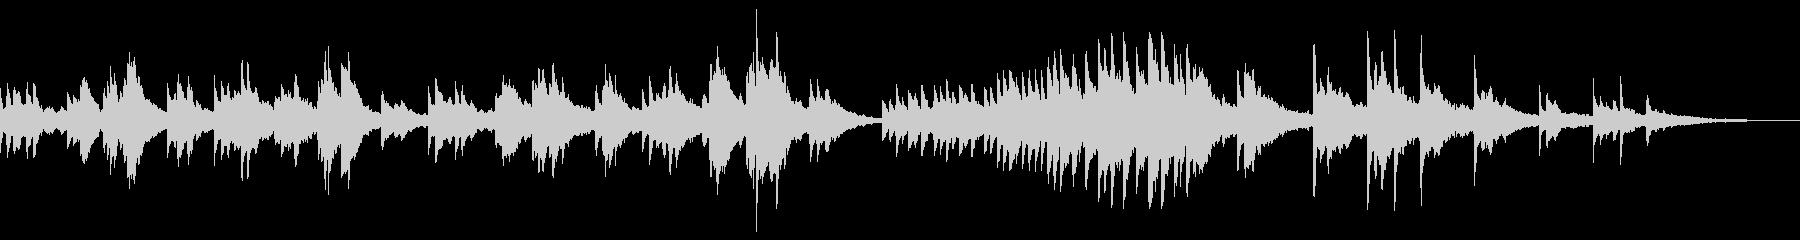 ゆったりして切ない雰囲気のピアノソロの未再生の波形